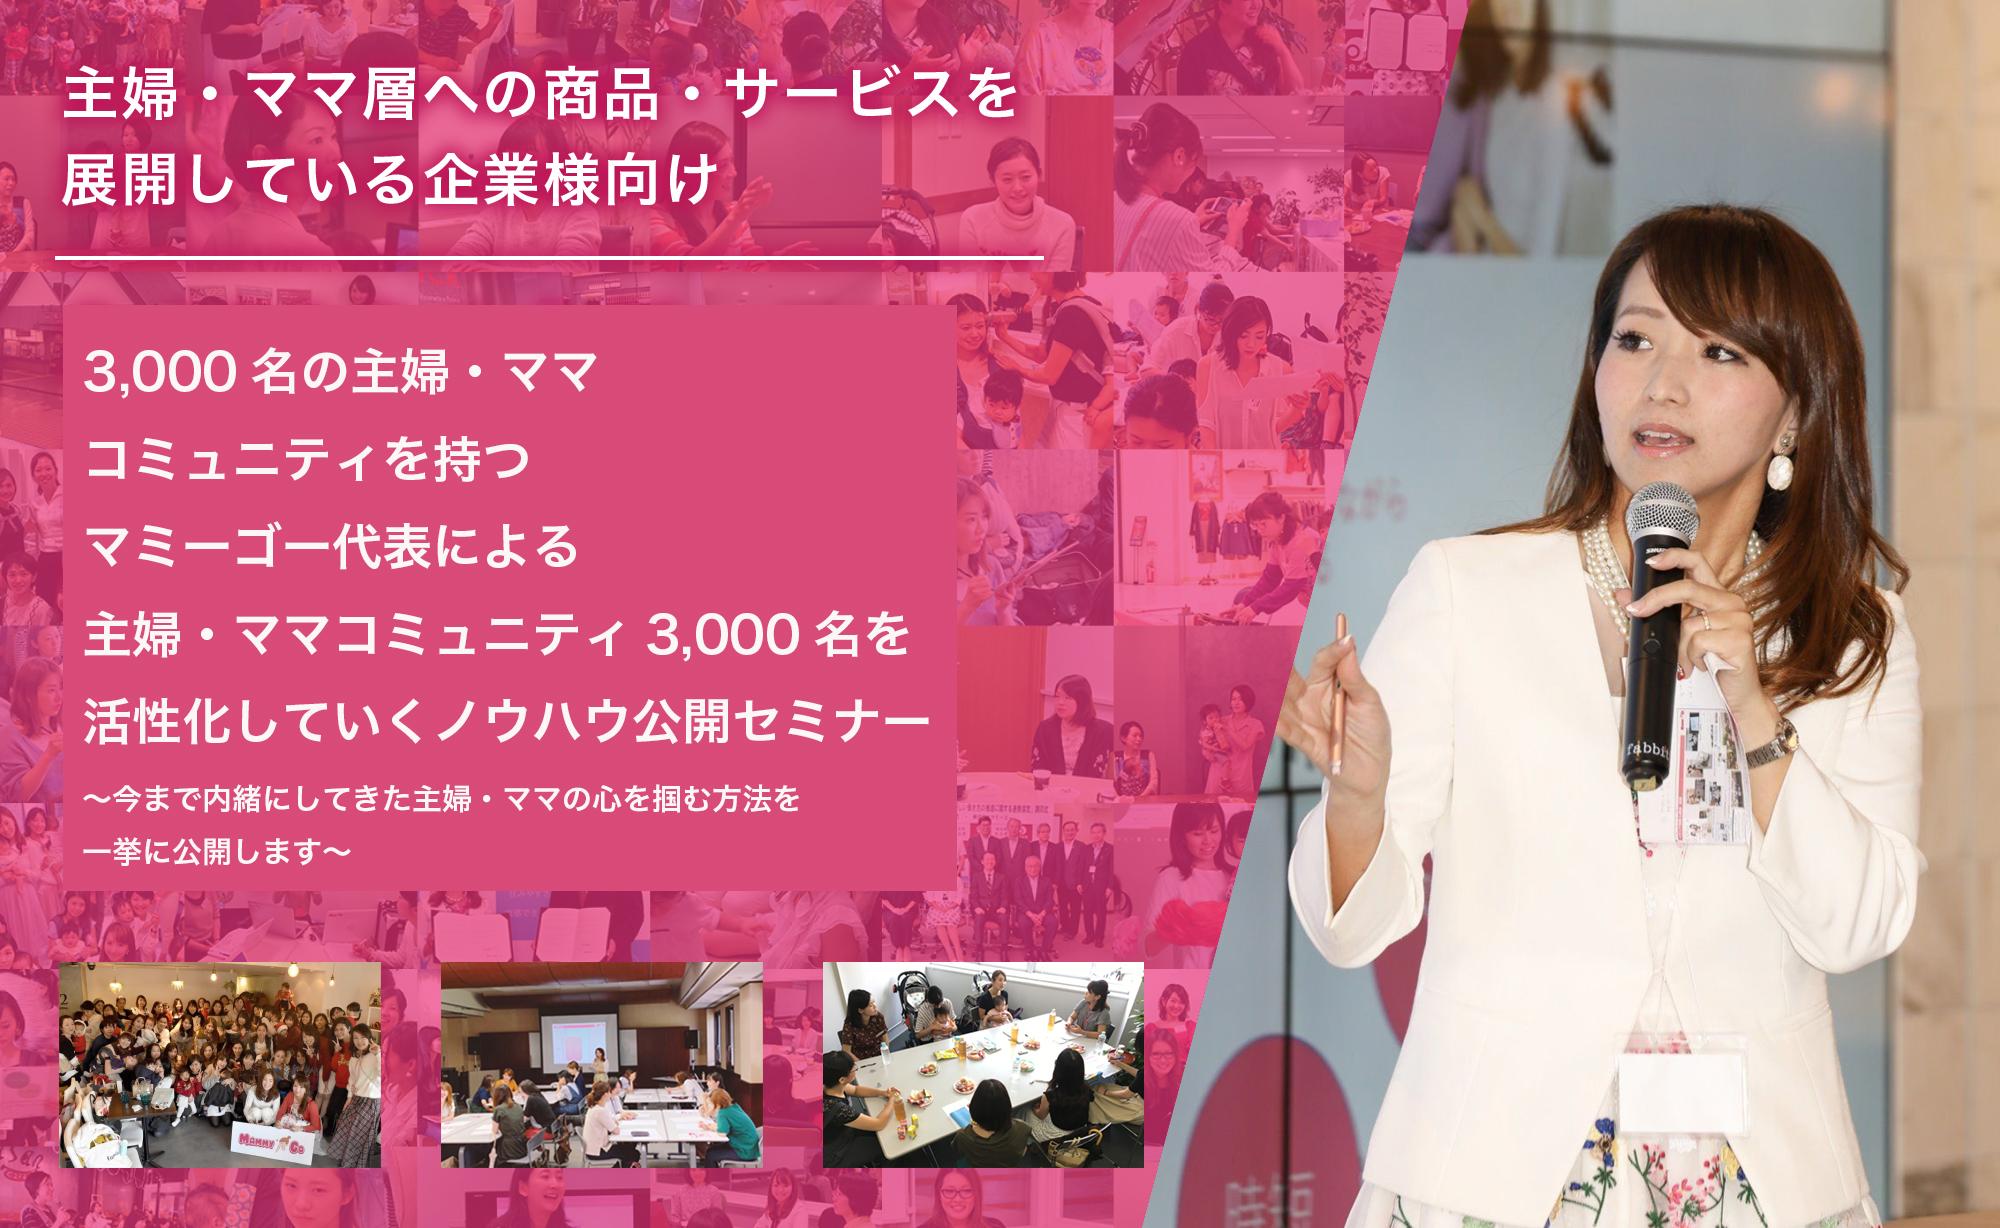 主婦・ママコミュニティ3,000名を活性化していくノウハウ公開セミナー